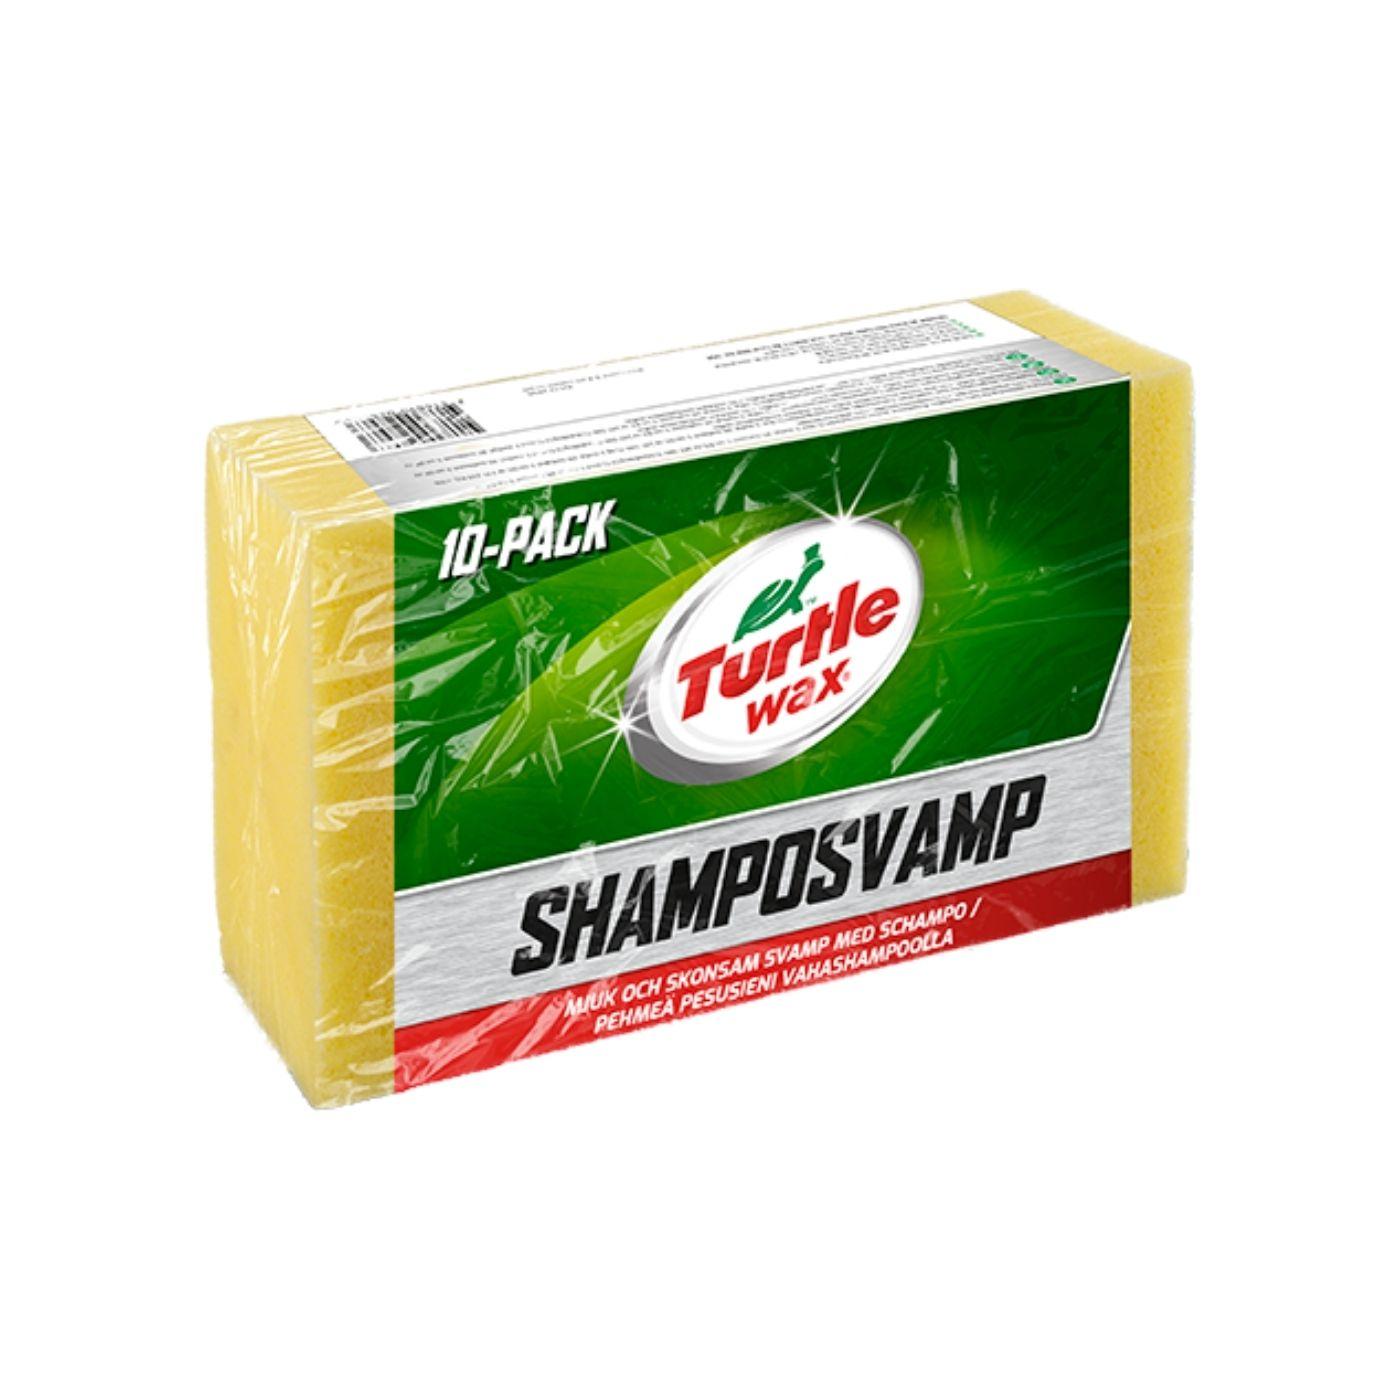 Tvättsvamp Turtle Wax Schamposvamp, 10 st